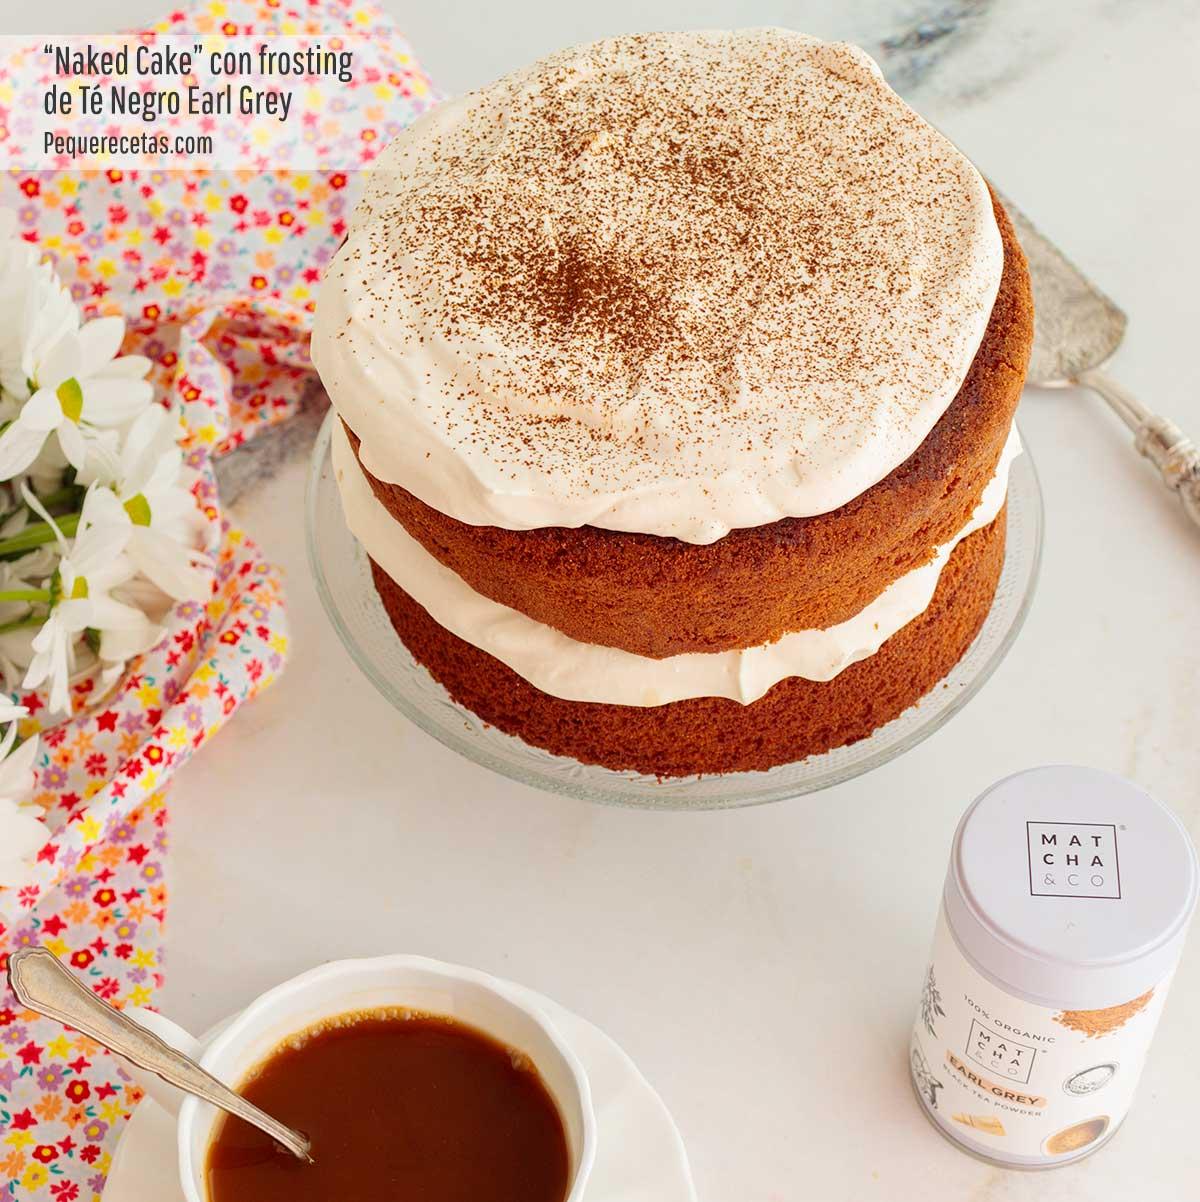 receta de naked cake con frosting